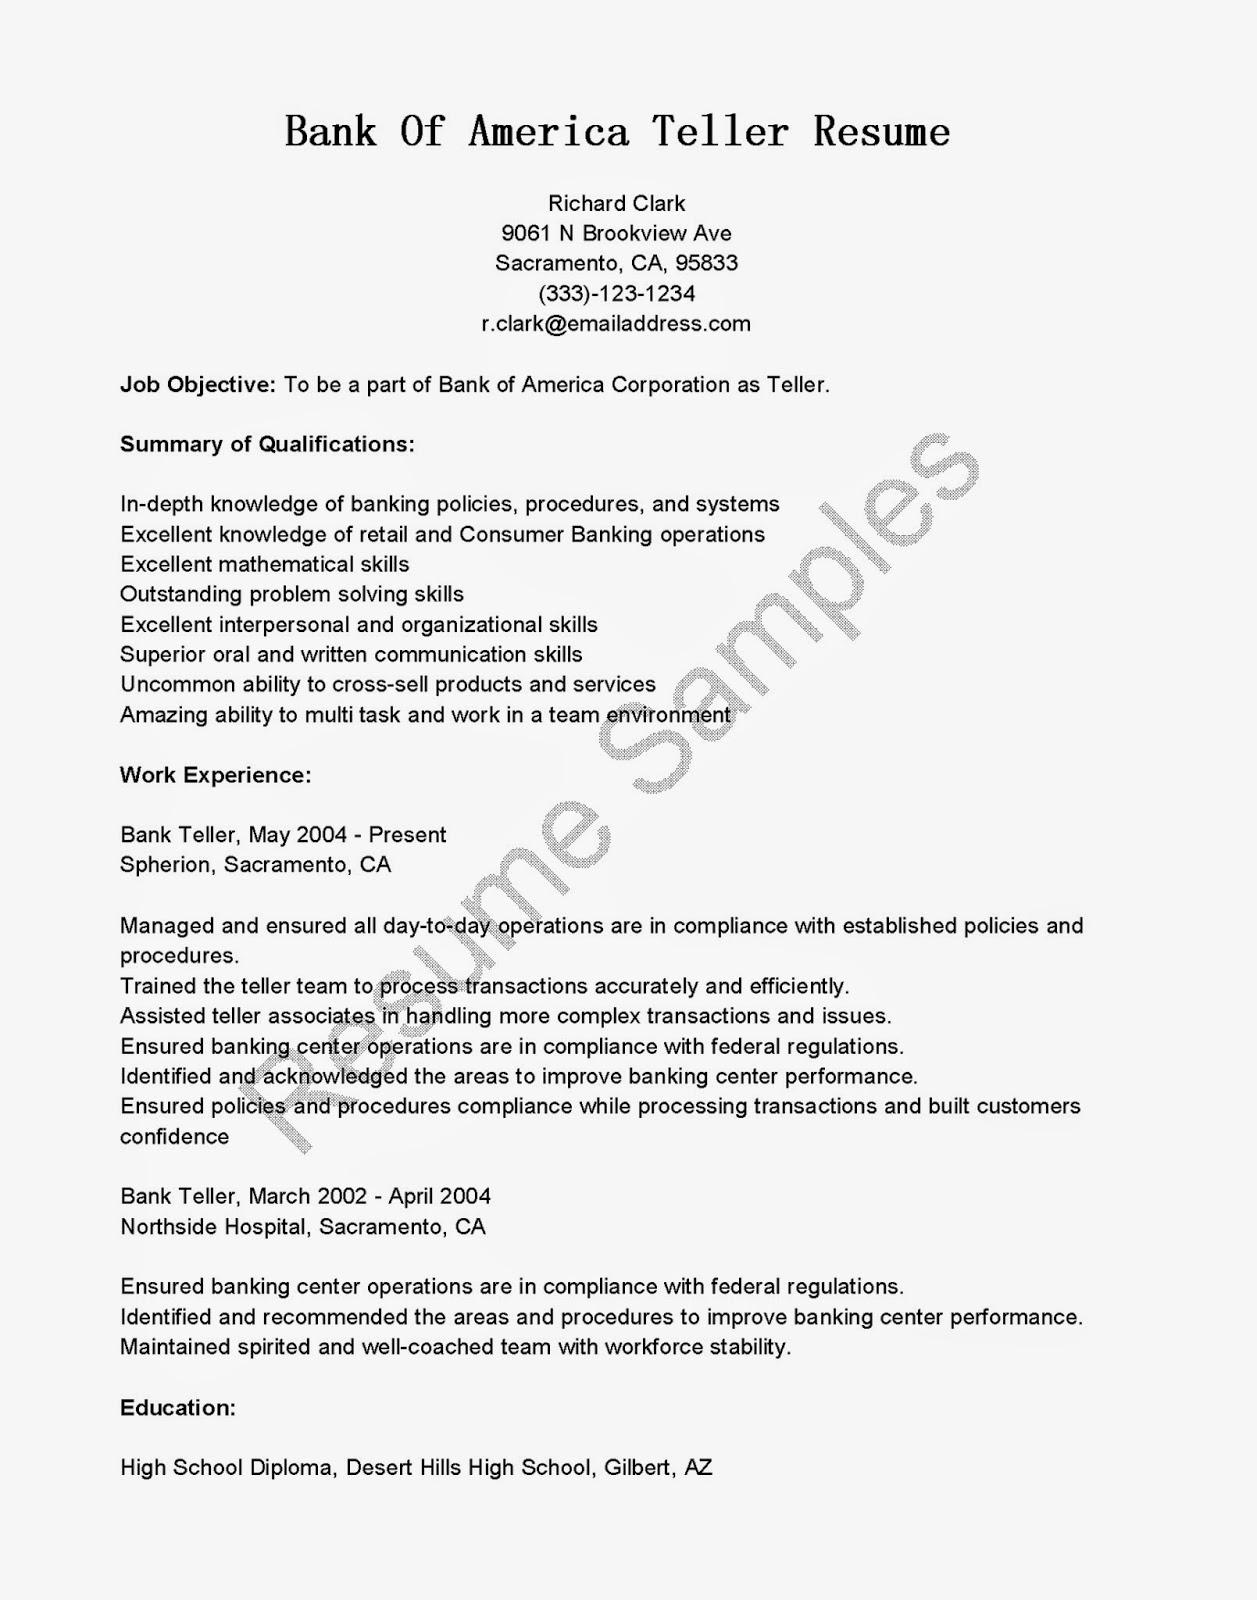 resume for bank teller sample customer service resume resume for bank teller bank teller resume sample monster sample resume resume samples bank of america